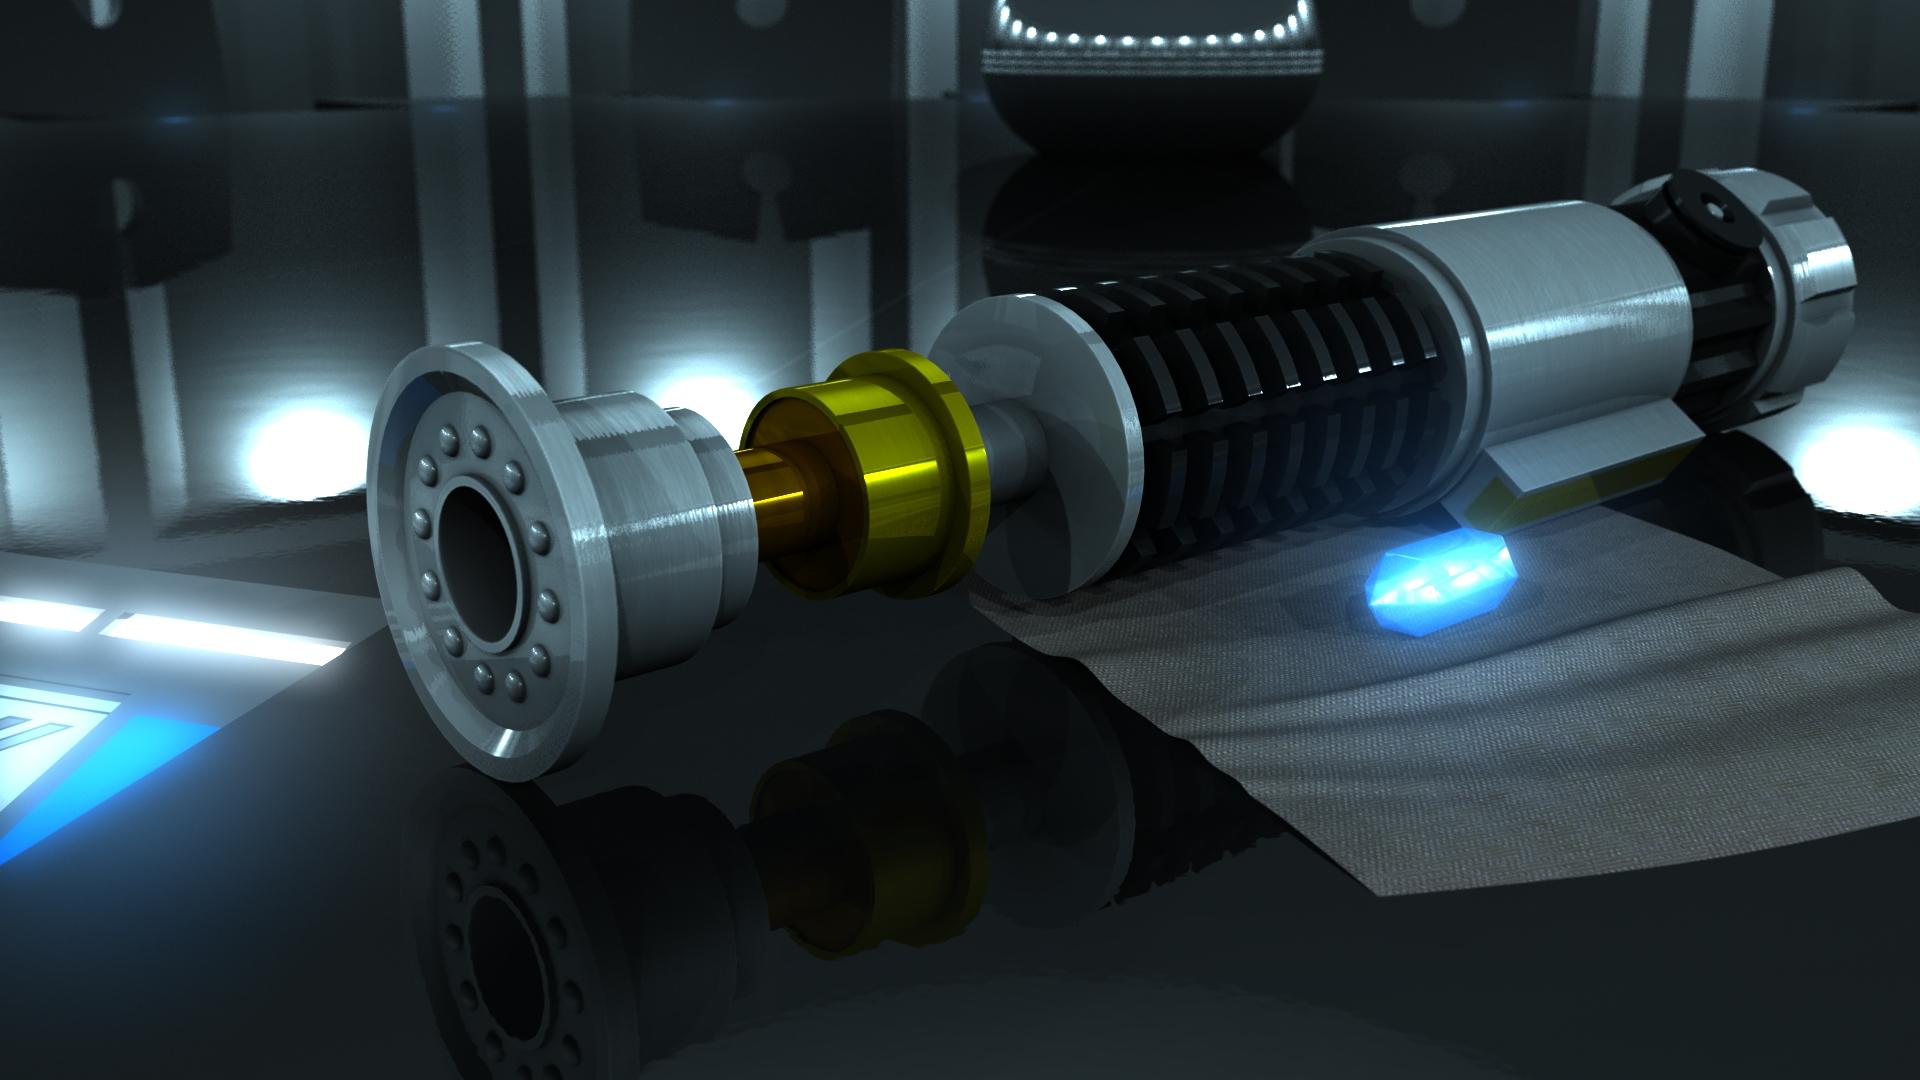 Obi-Wan's Kenobi's Lightsaber 3d art